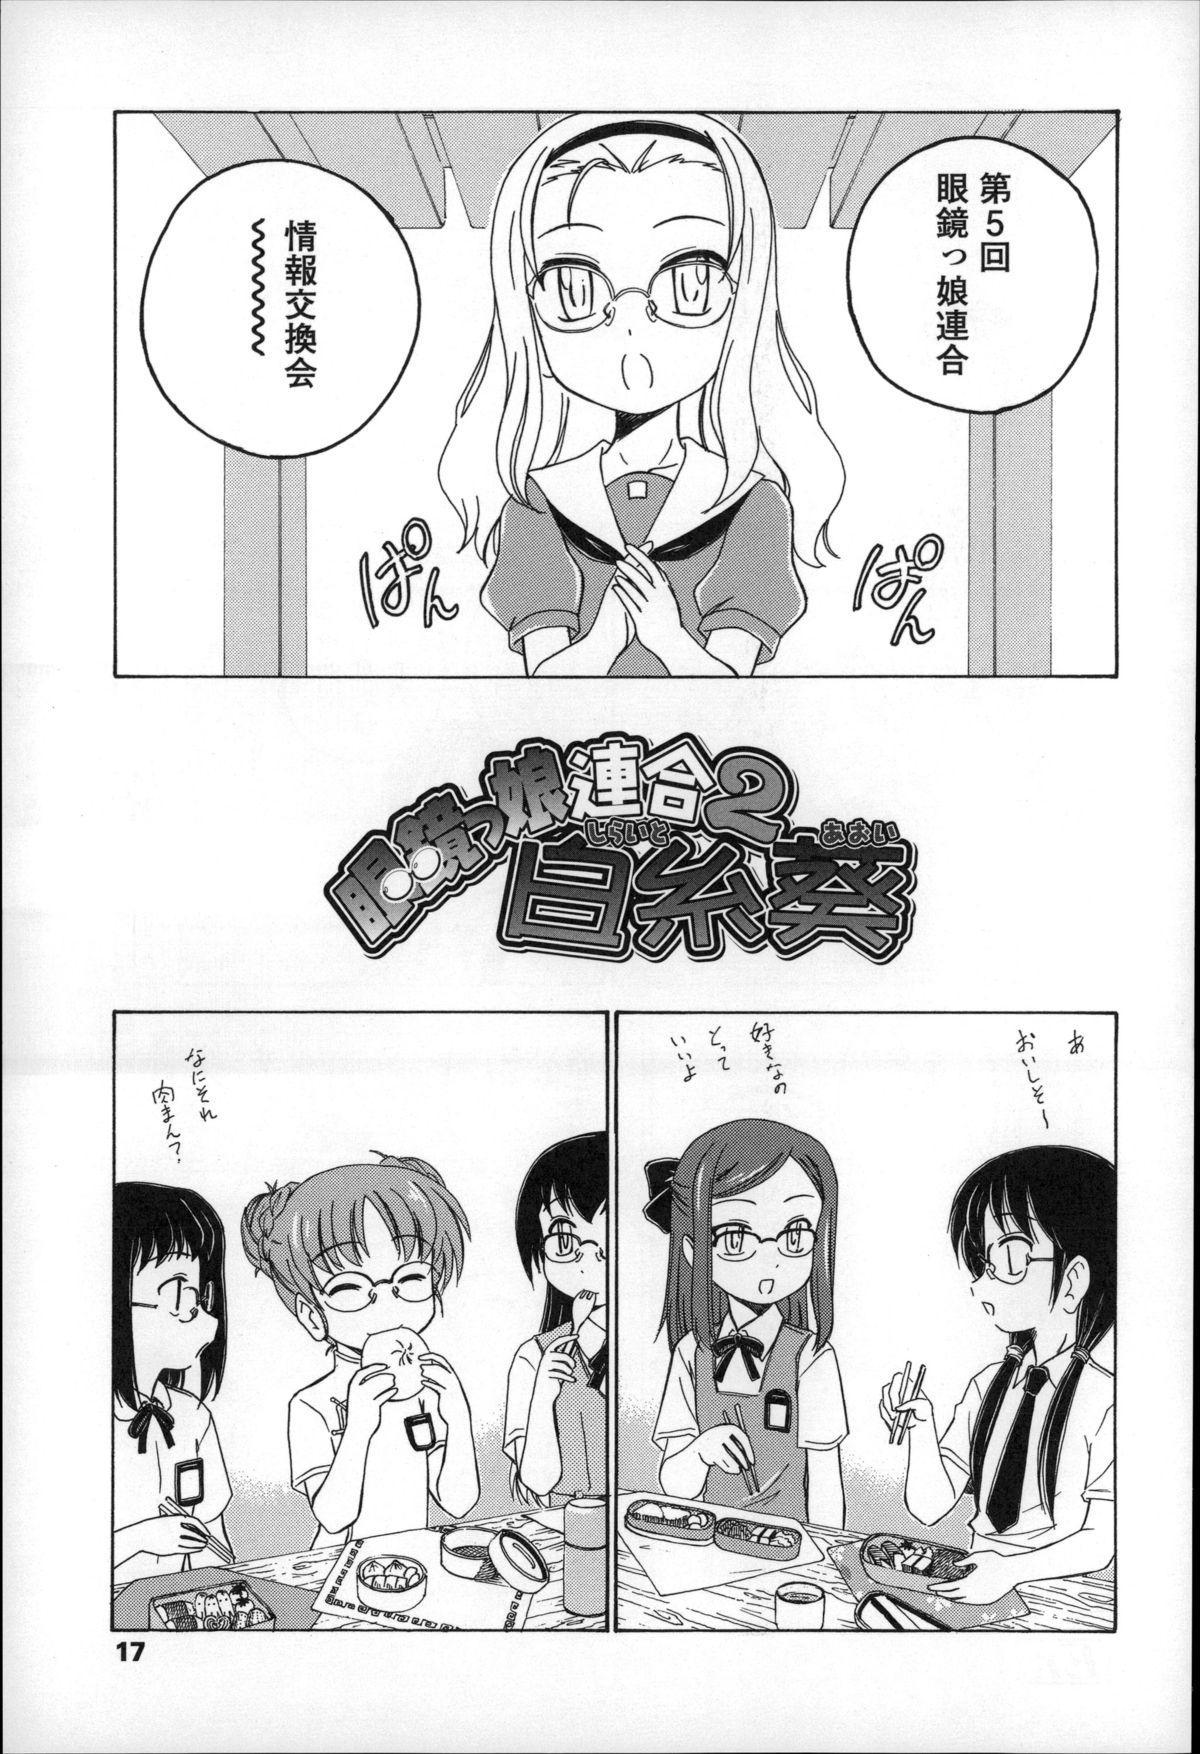 Youshou no Hana no Himitsu - The secret of Girls flowers 20